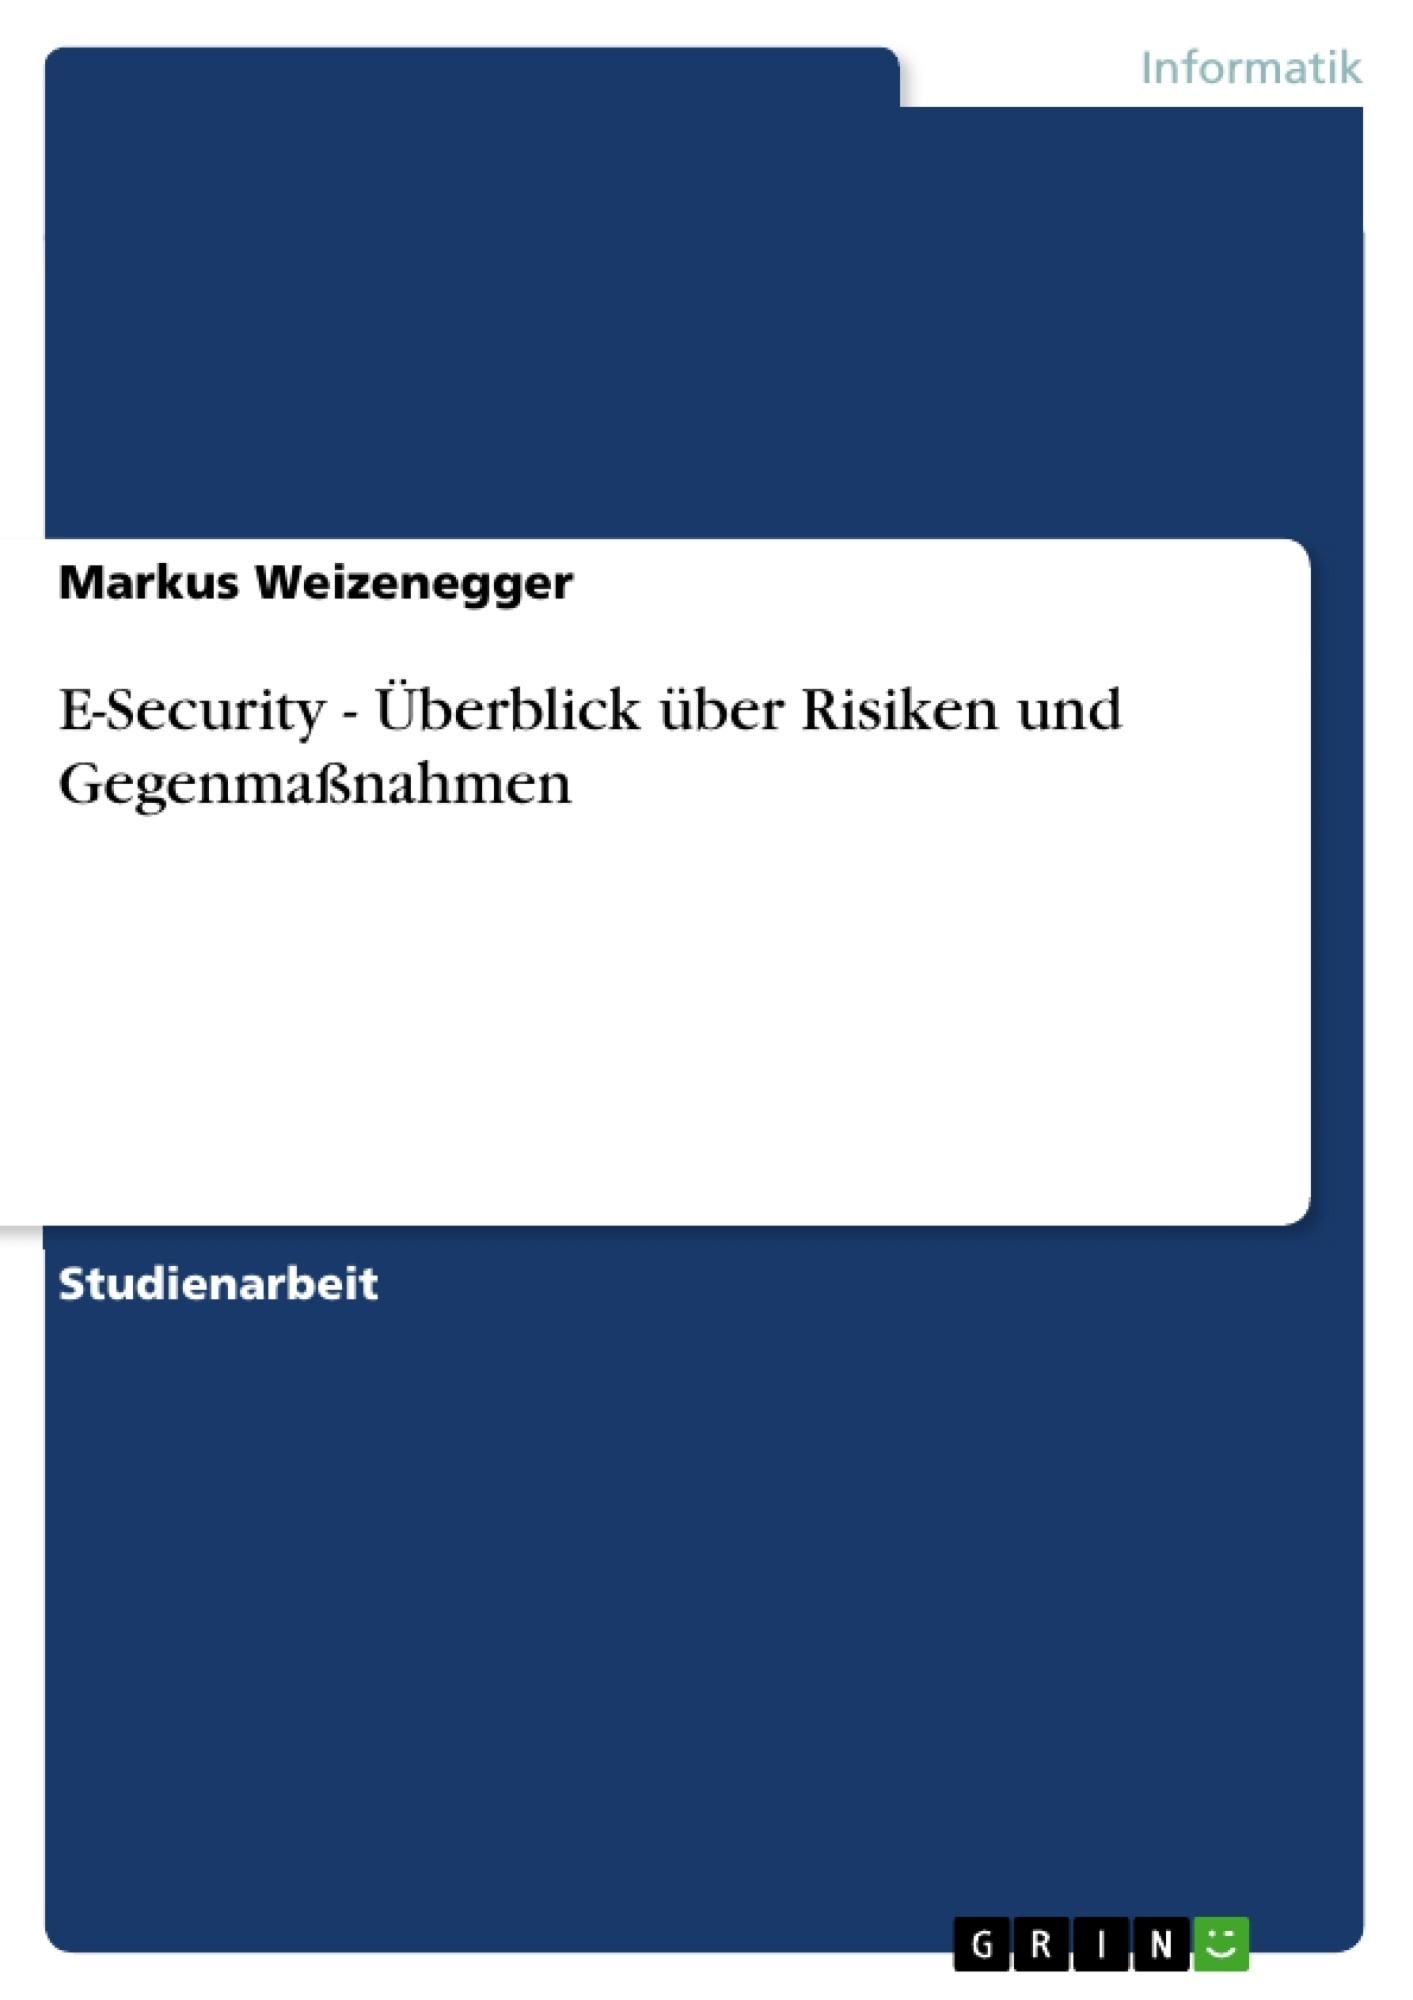 Titel: E-Security - Überblick über Risiken und Gegenmaßnahmen